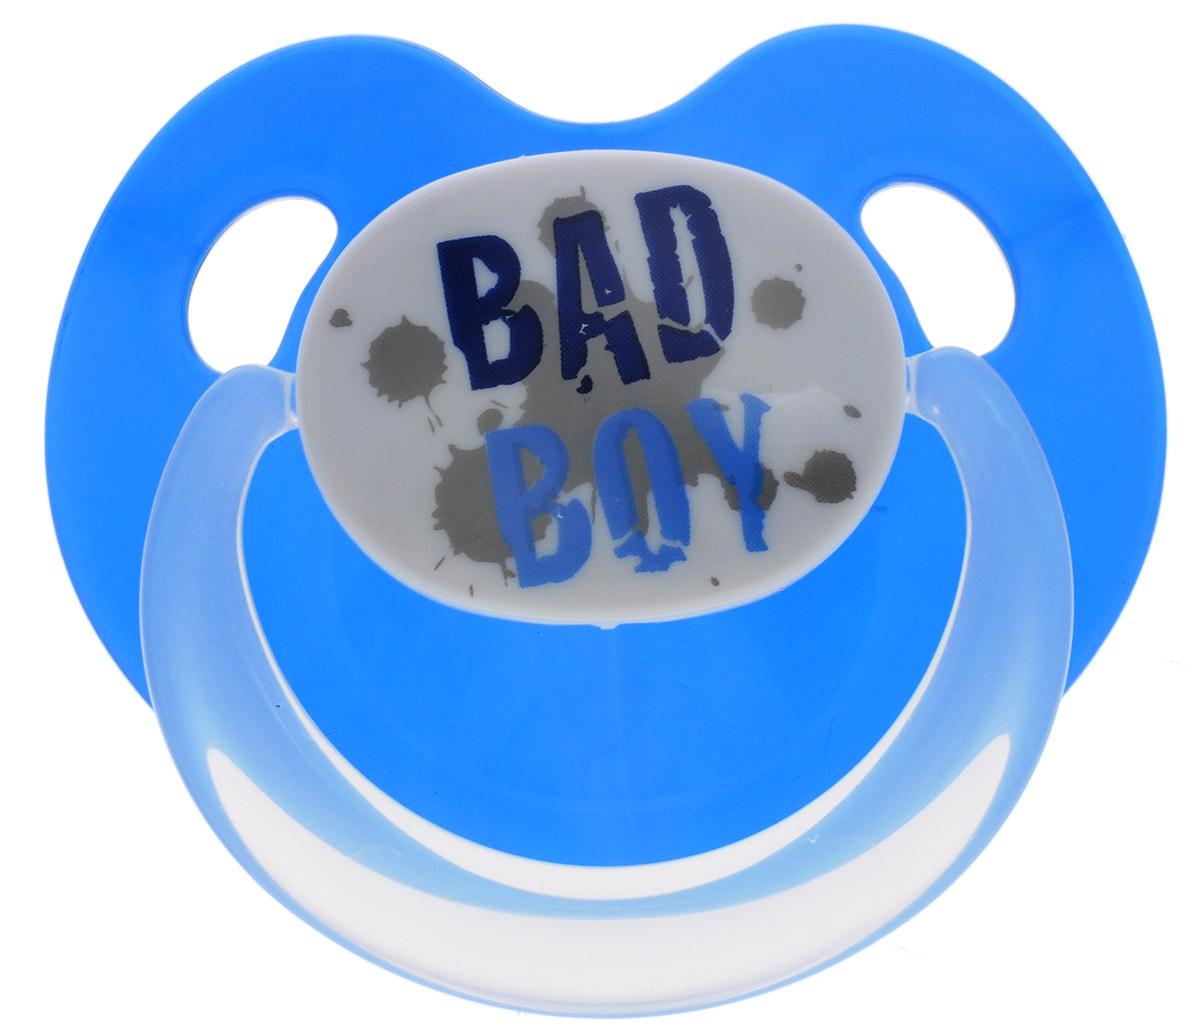 Bibi Пустышка силиконовая Bad Boy от 16 месяцев